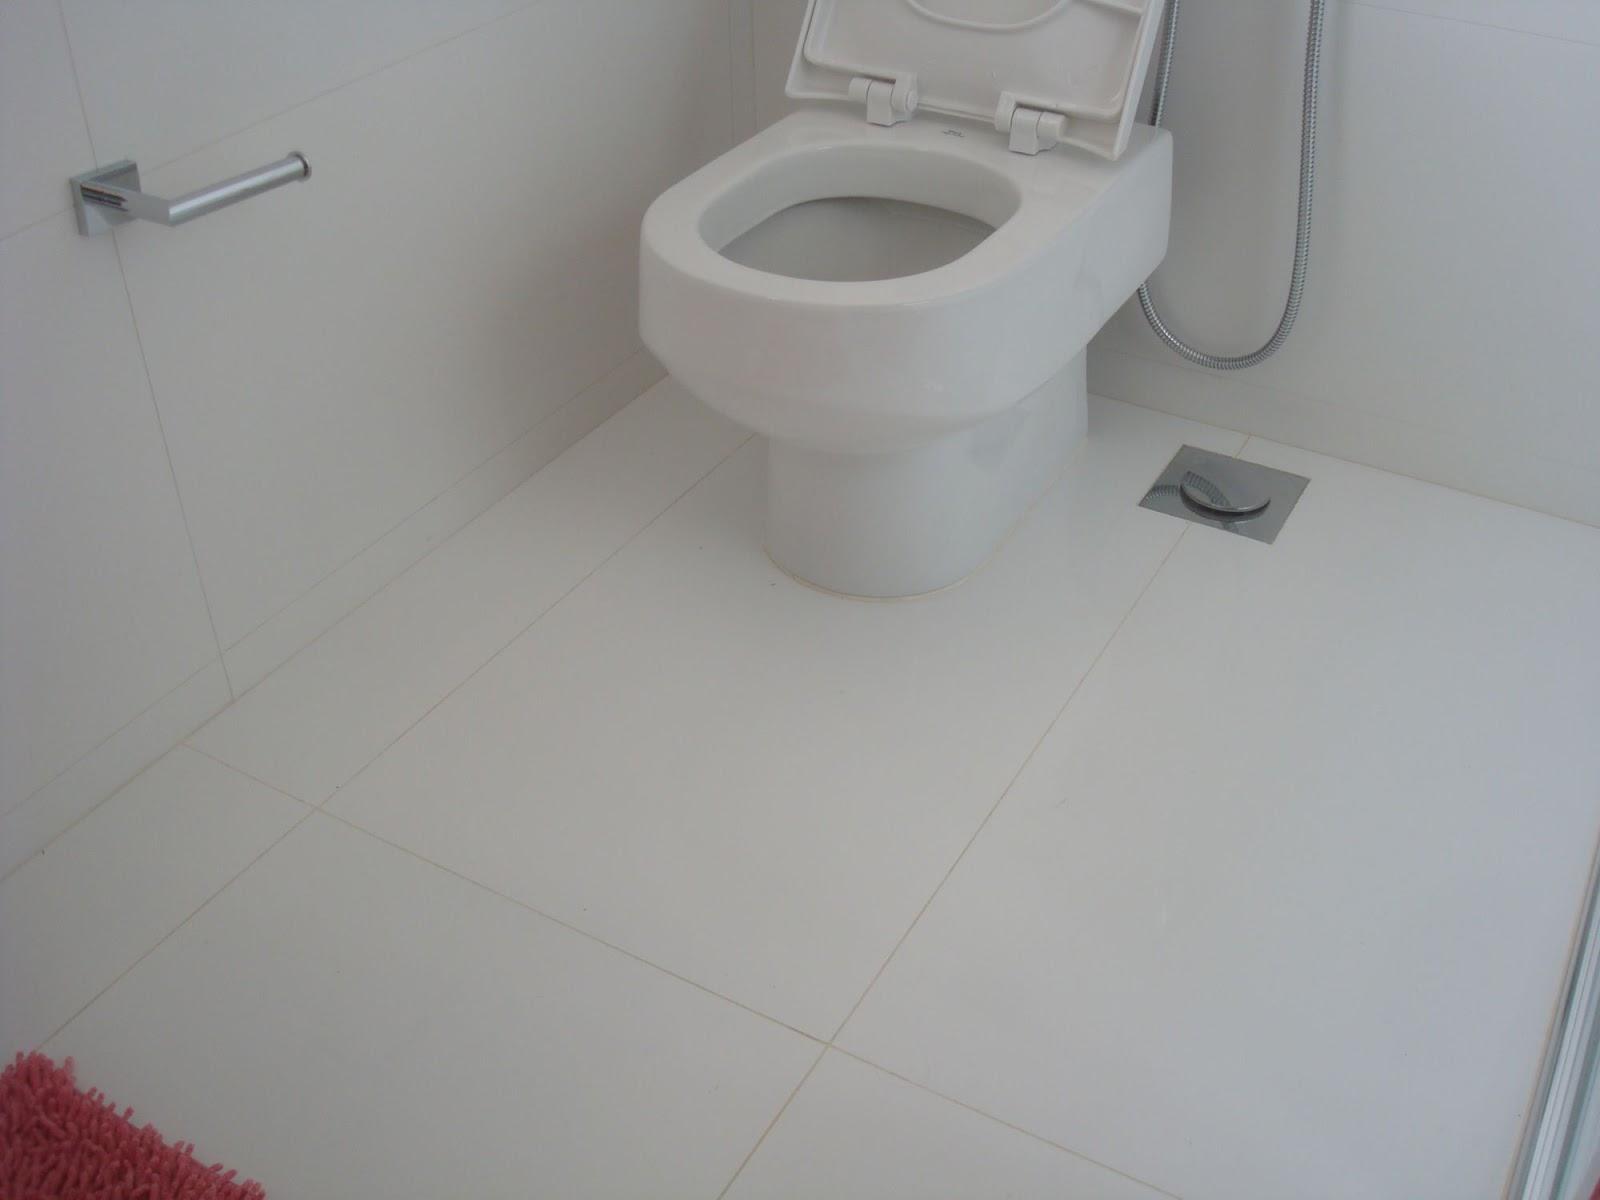 Construindo um Castelinho: Qual o porcelanato? E o revestimento? #682A30 1600x1200 Banheiro Com Porcelanato Rustico